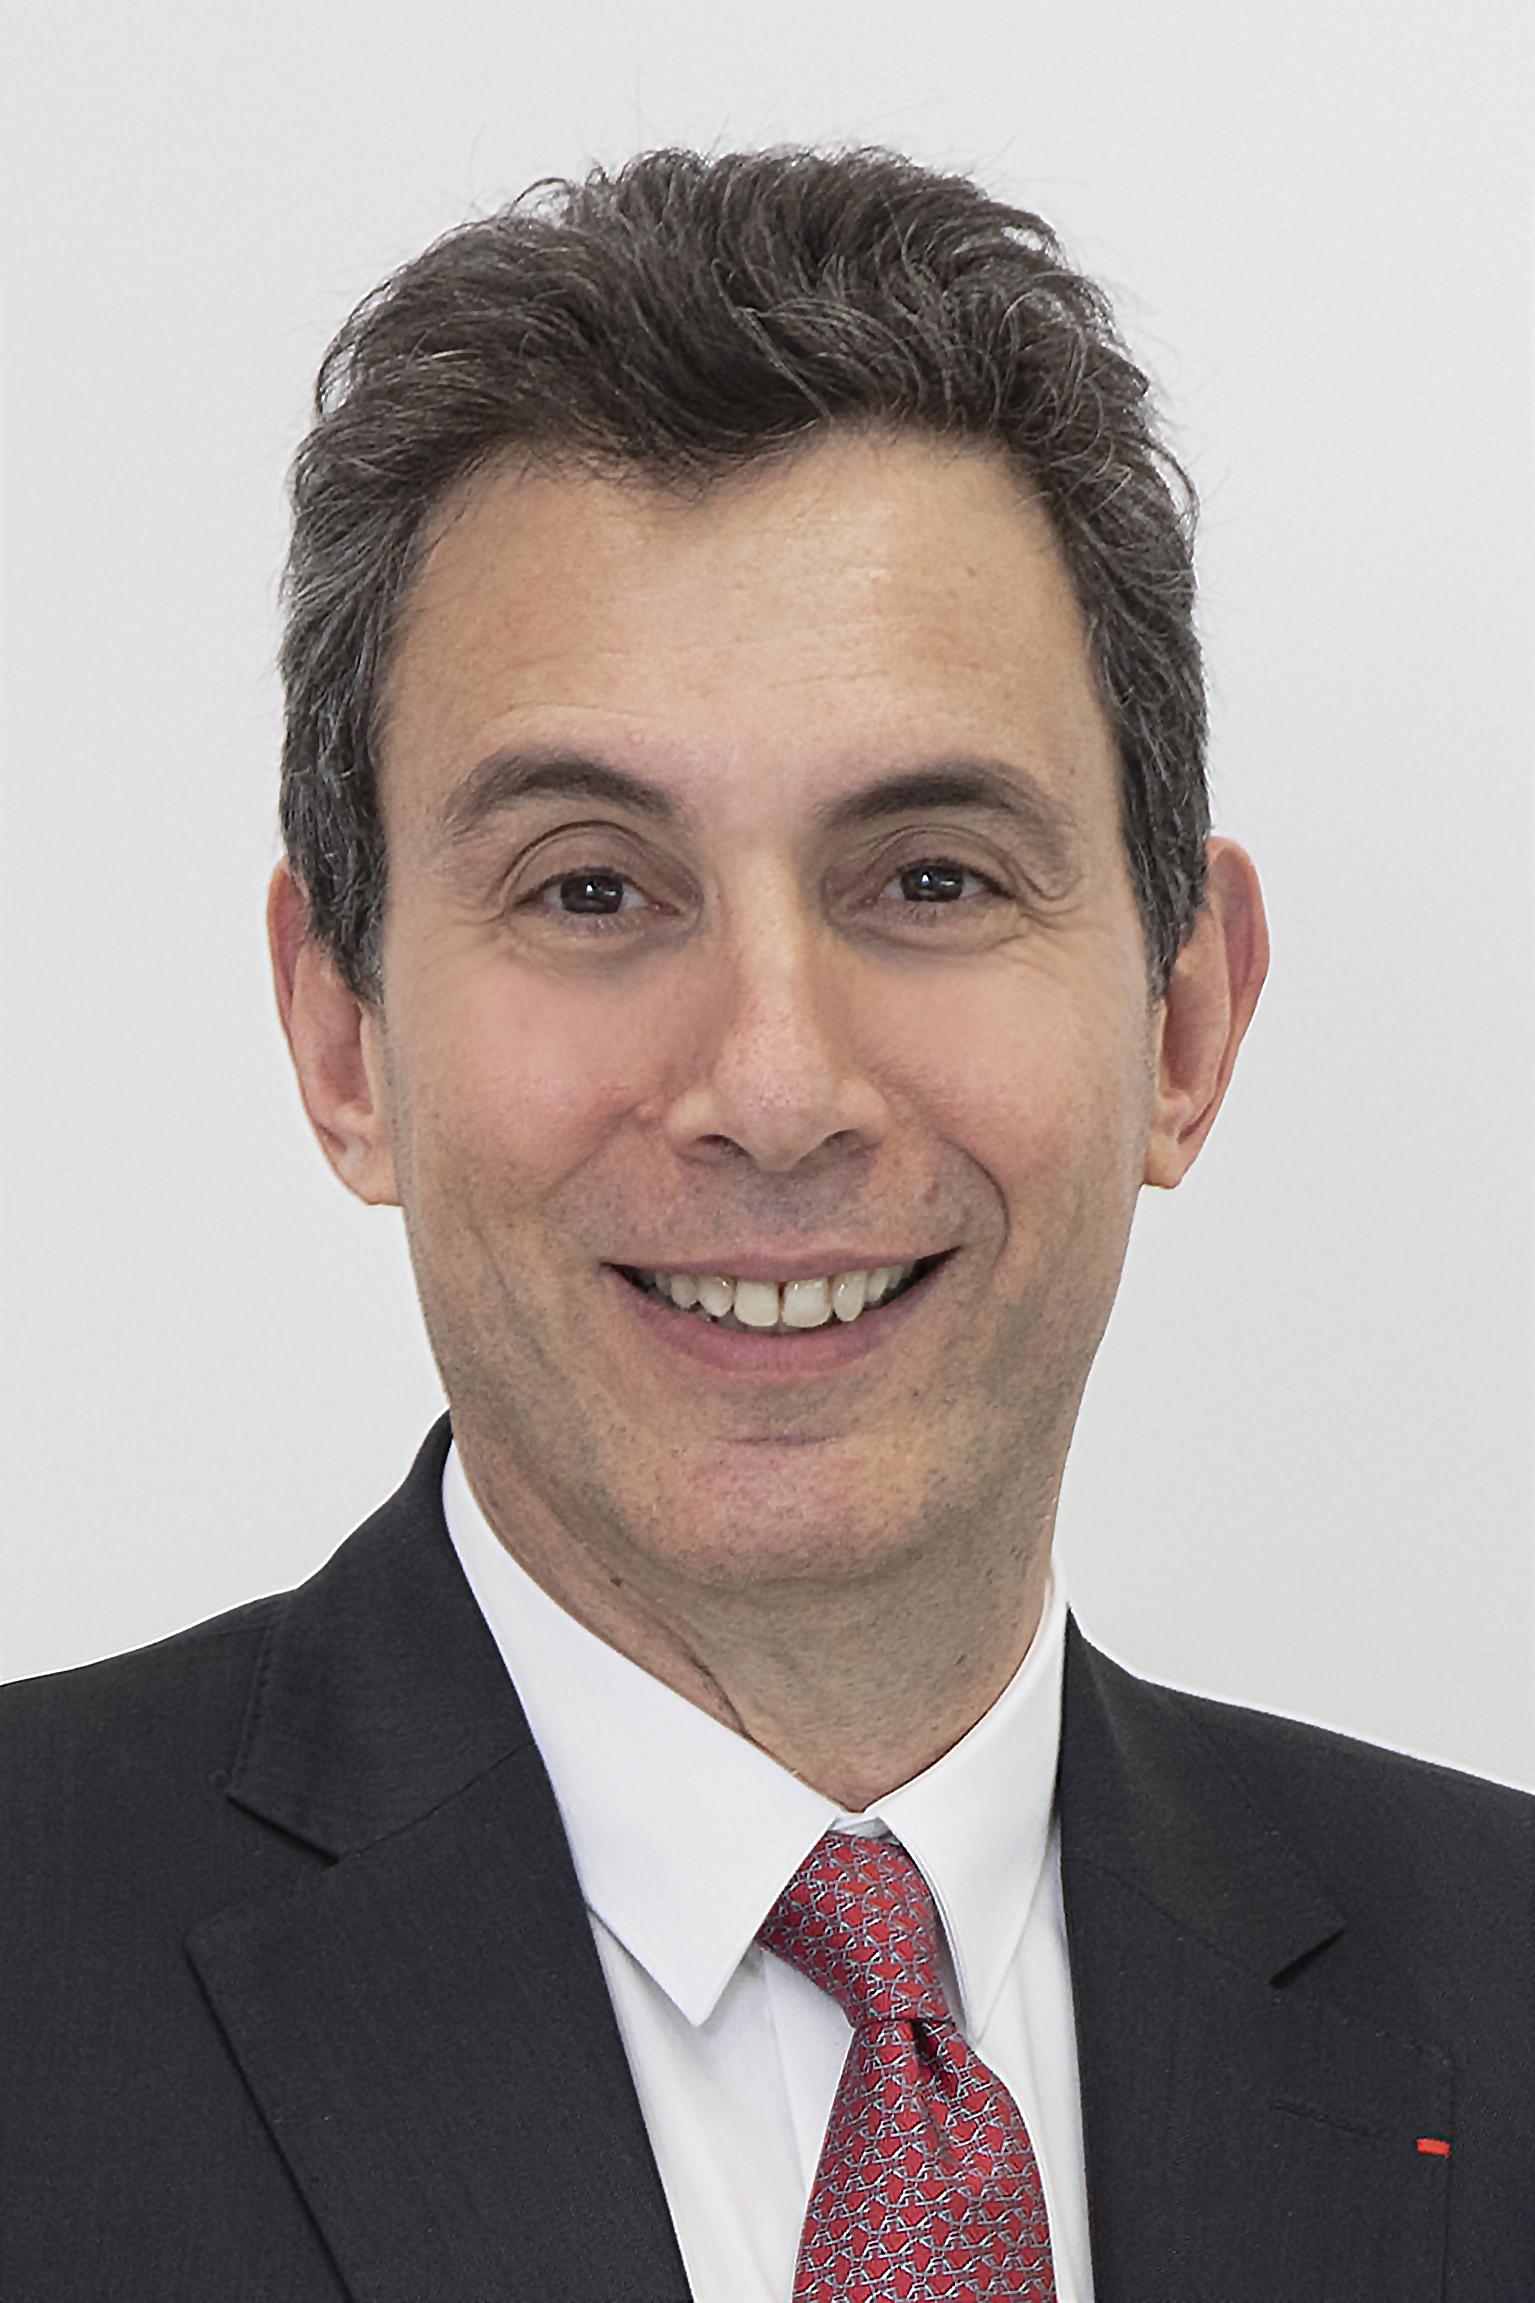 Jean-Marc-Nasr-(c)Airbus 2019